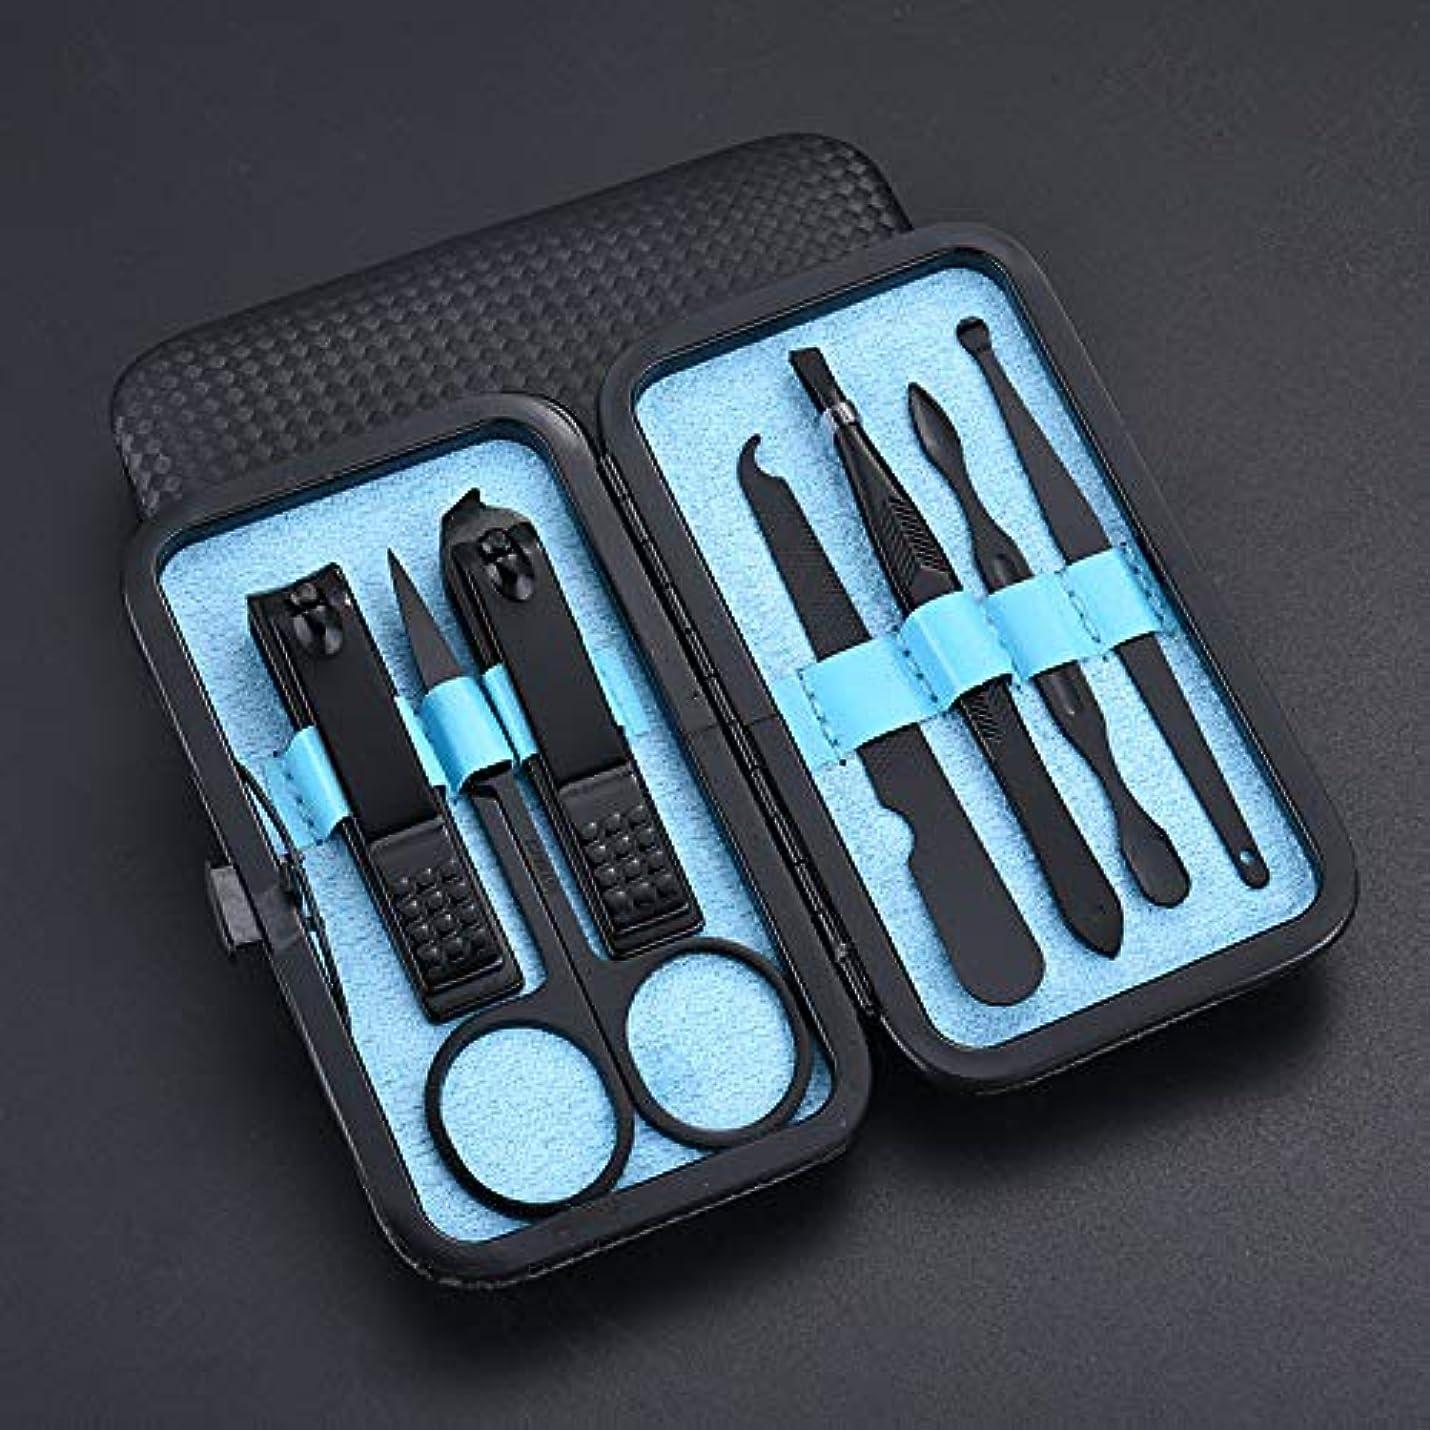 政令光電重要性ブラックネイルカッター7ピースネイルクリッパーセットネイル美容ツールセット卸売ギフトはカスタマイズ可能